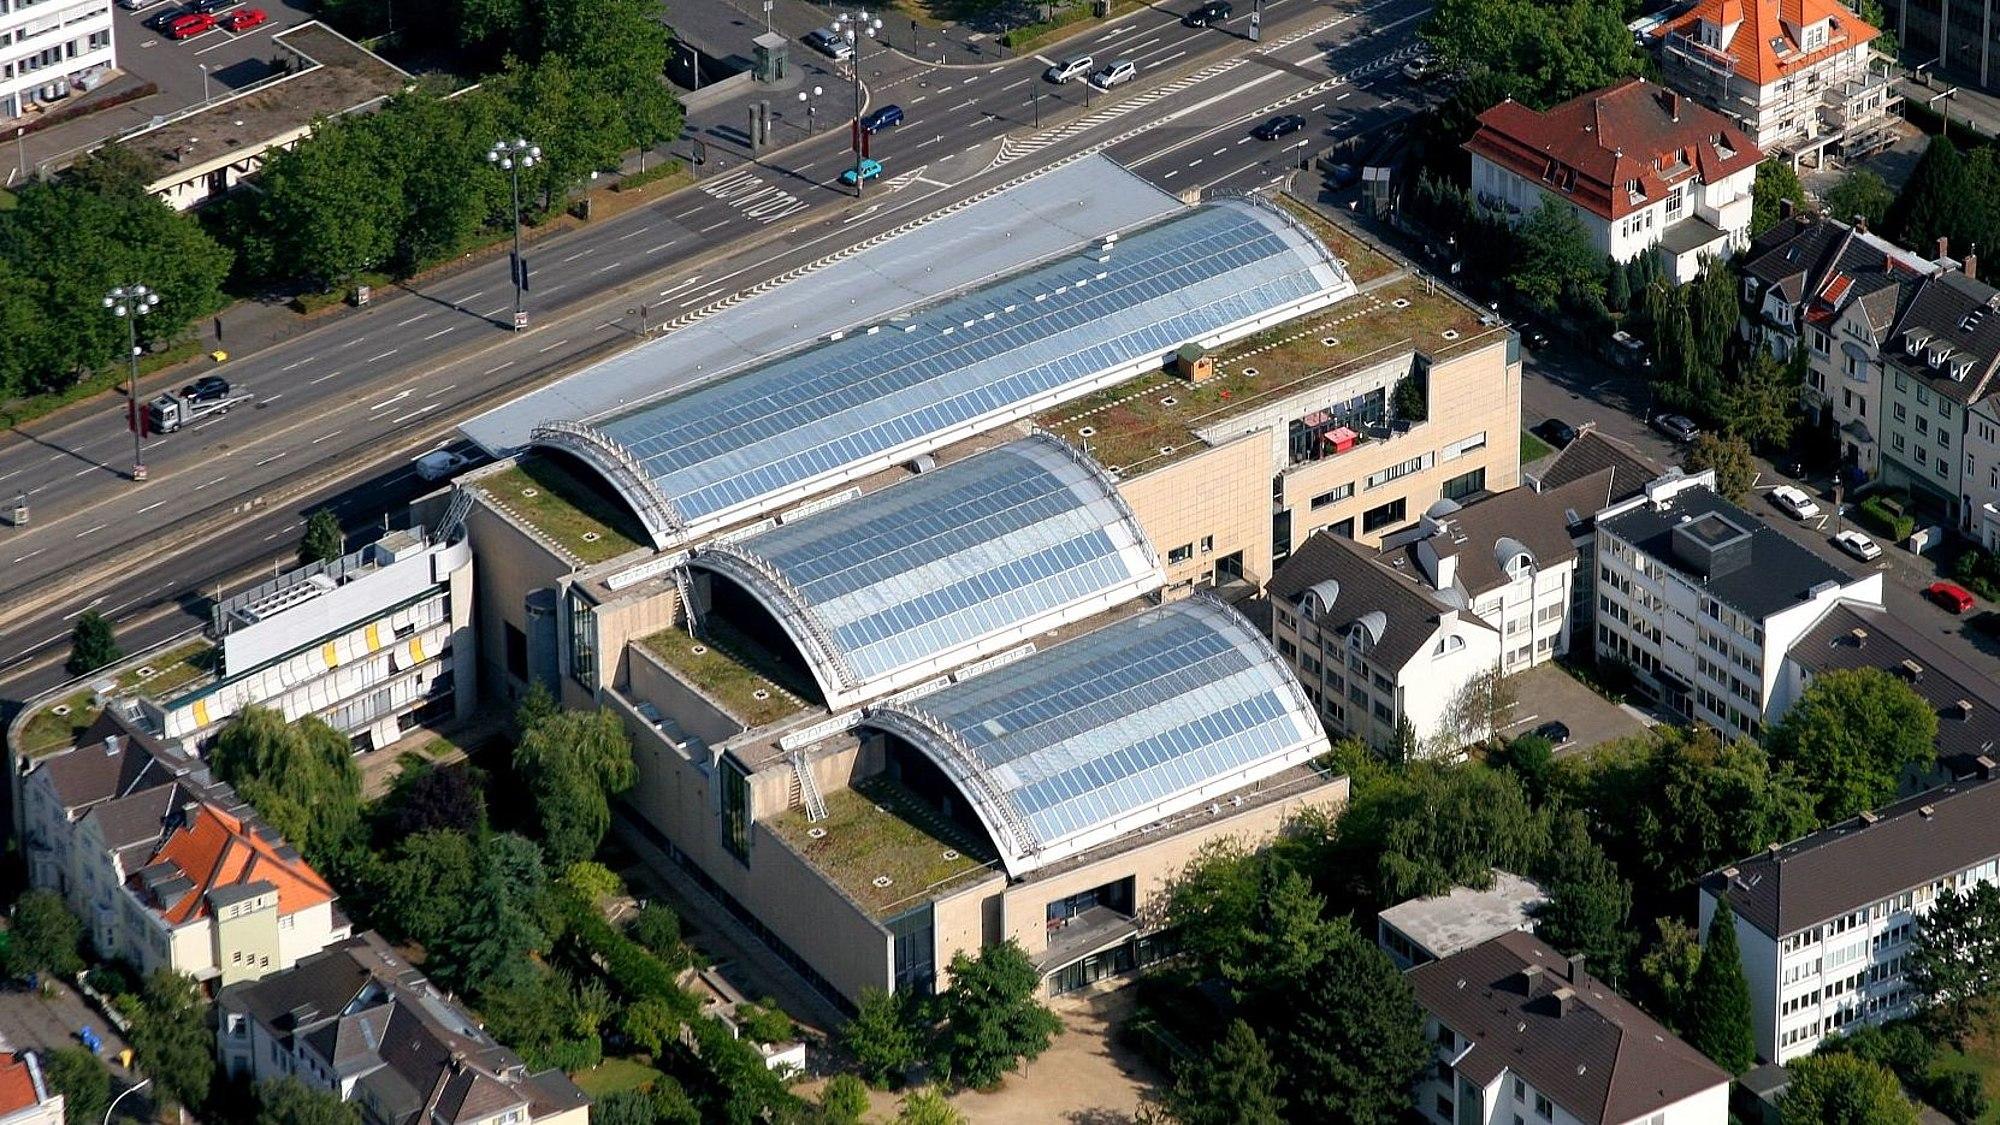 Aerial view of Haus der Geschichte in Bonn